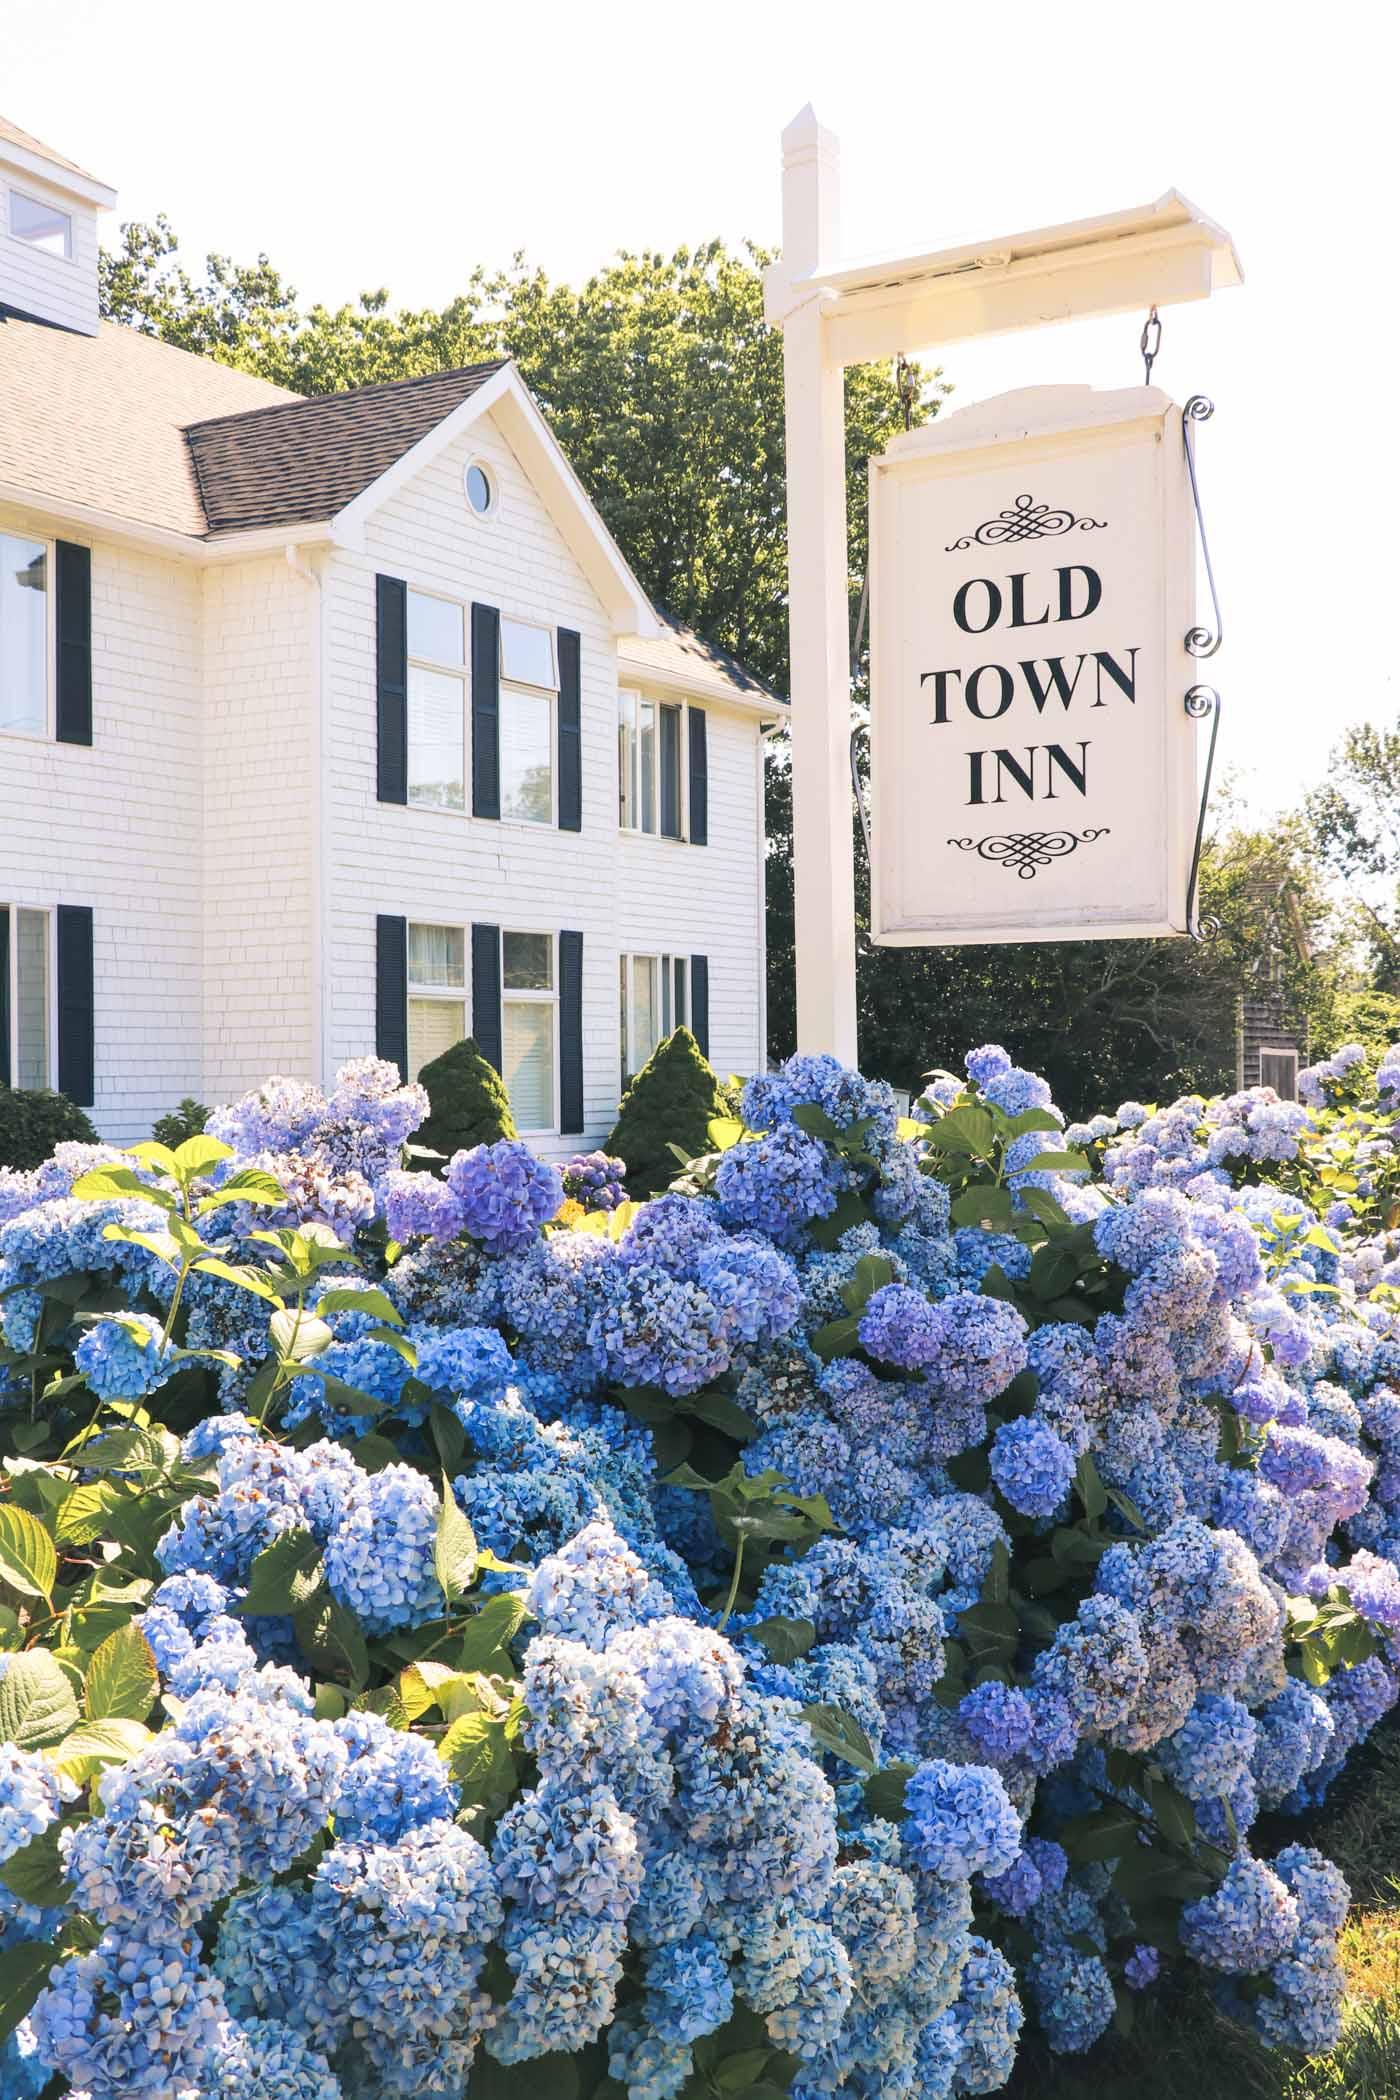 Hydrangeas at Old Town Inn on Block Island